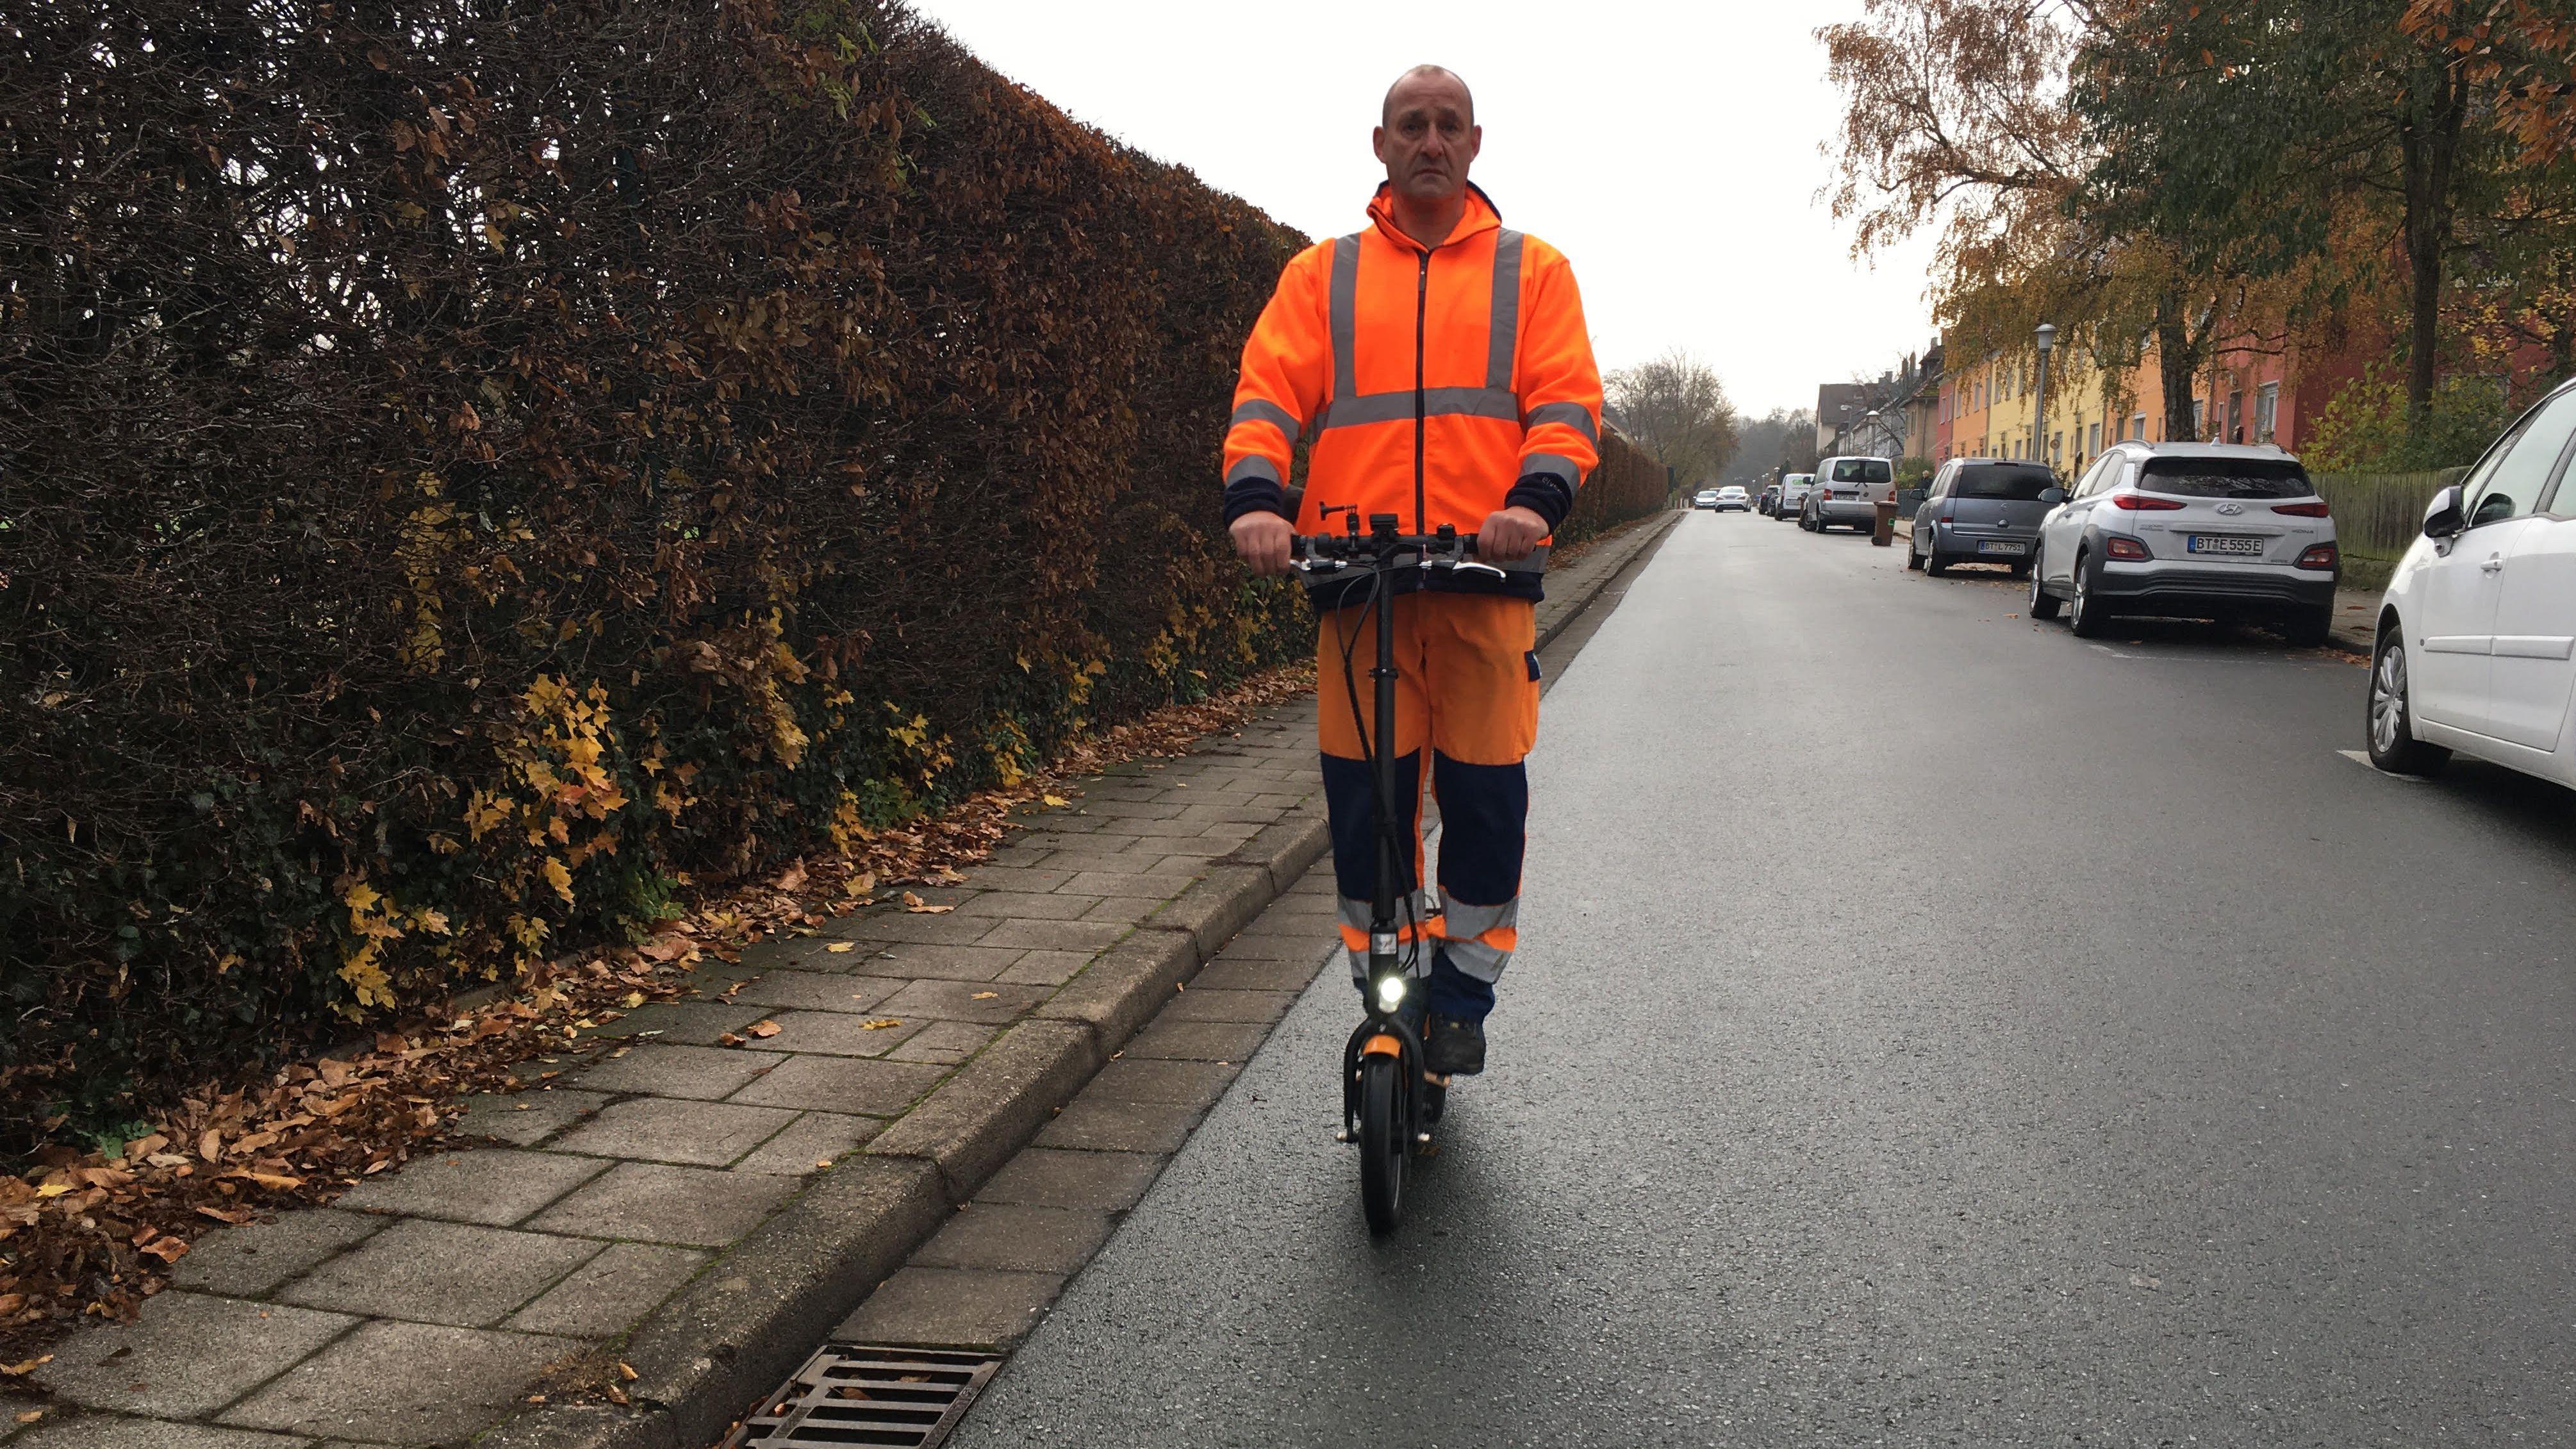 Mitarbeiter der Bayreuther Müllabfuhr fährt in Arbeitskleidung auf seinem E-Roller